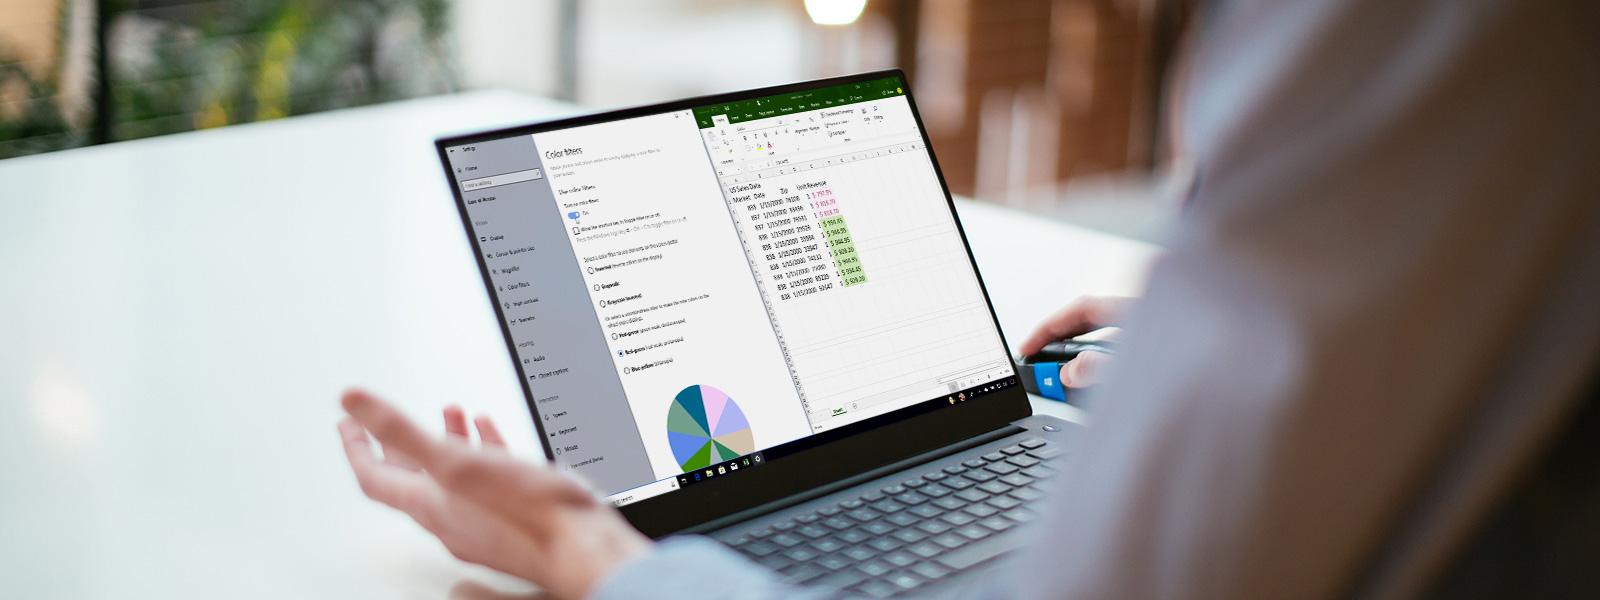 Personne qui utilise un ordinateur portable avec les filtres de couleur activés dans Windows10